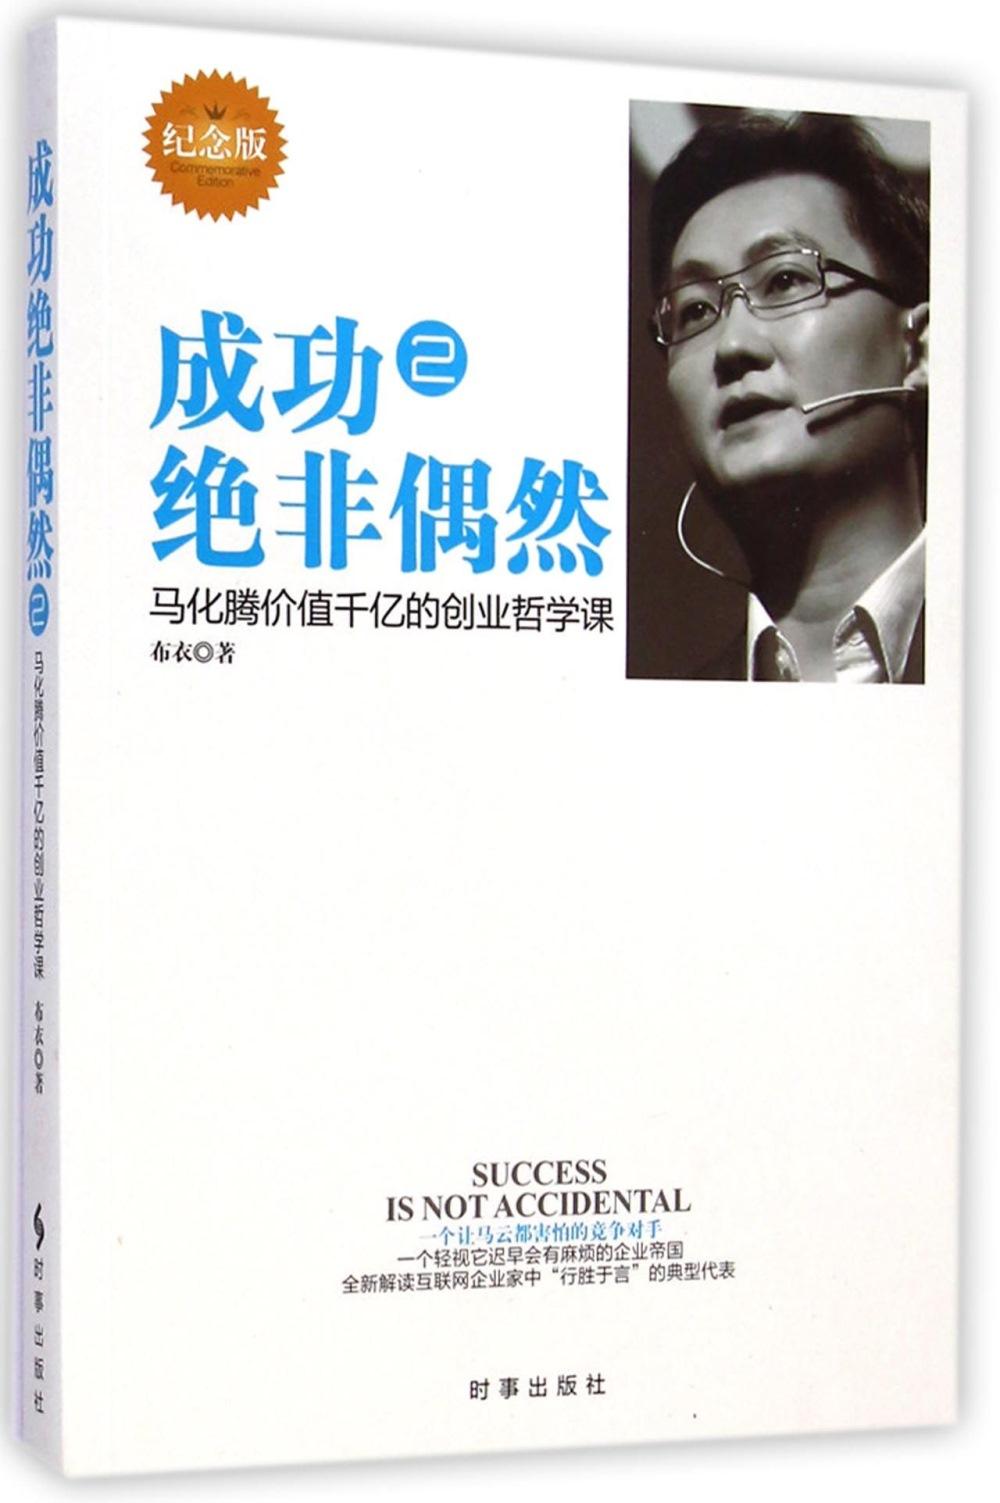 成功絕非偶然2,馬化騰價值千億的創業哲學課